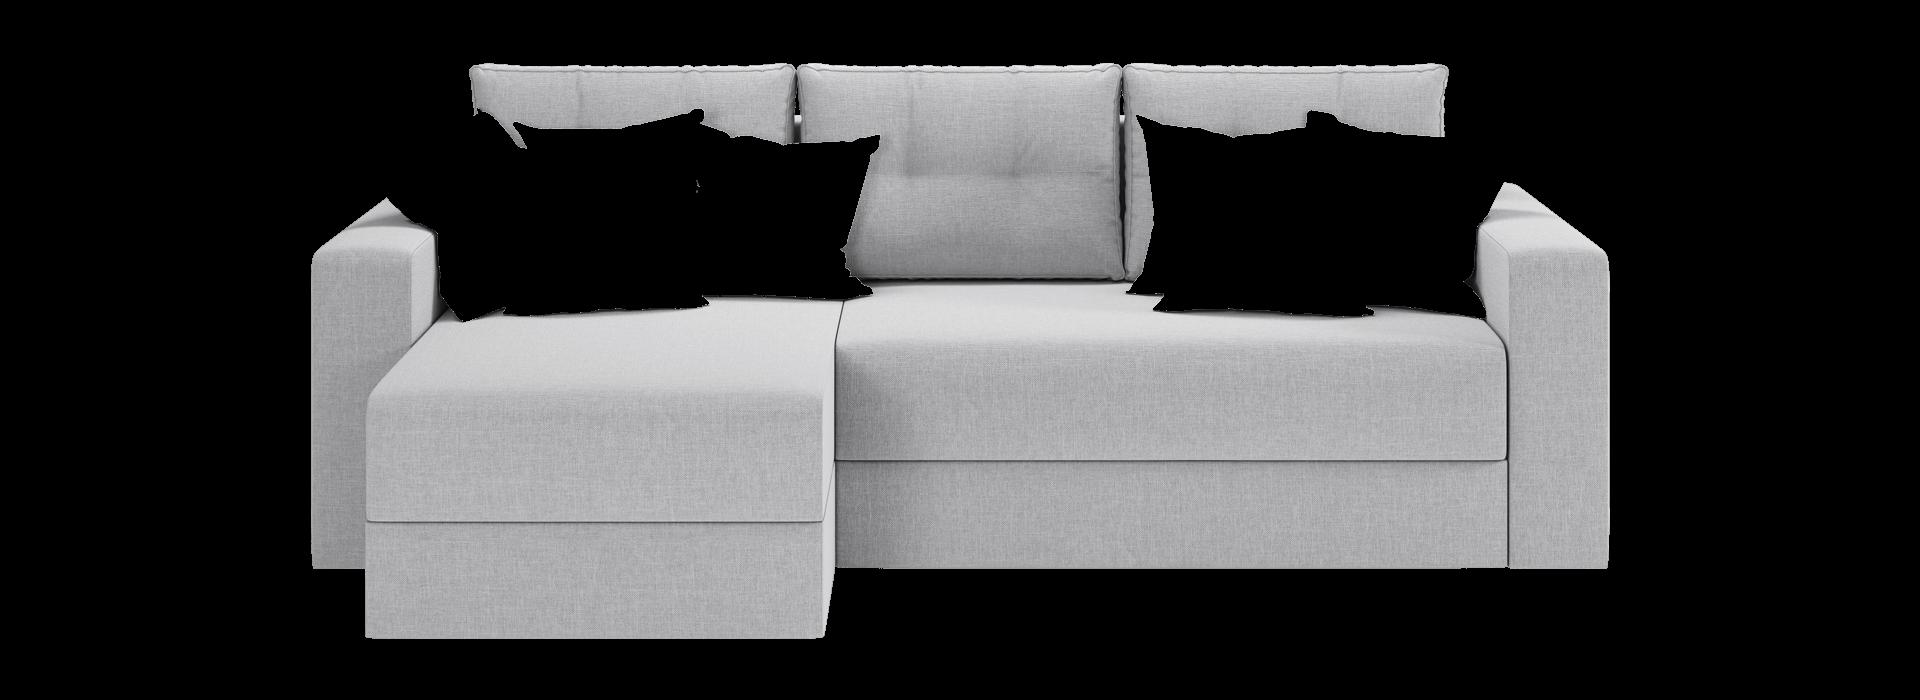 Рут % кутовий диван - маска 1